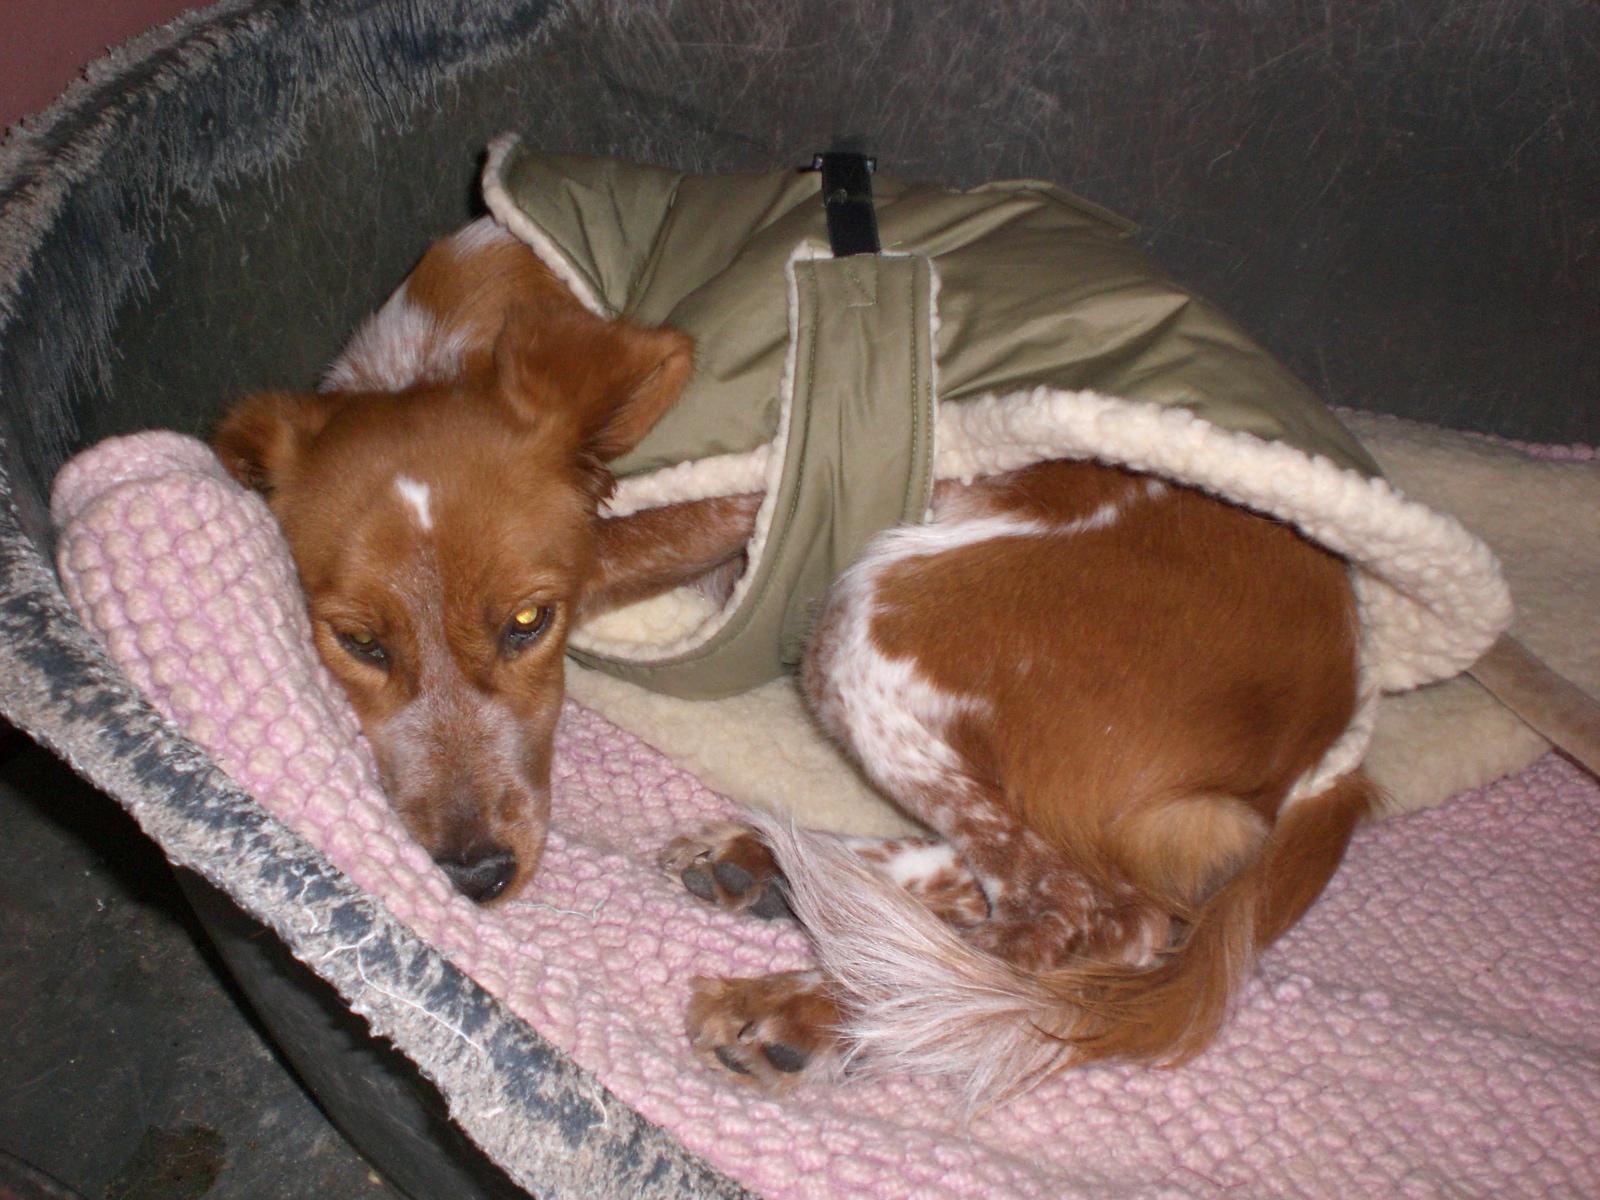 Tierhilfe spanien e v hilfe für herrenlose spanische hunde und